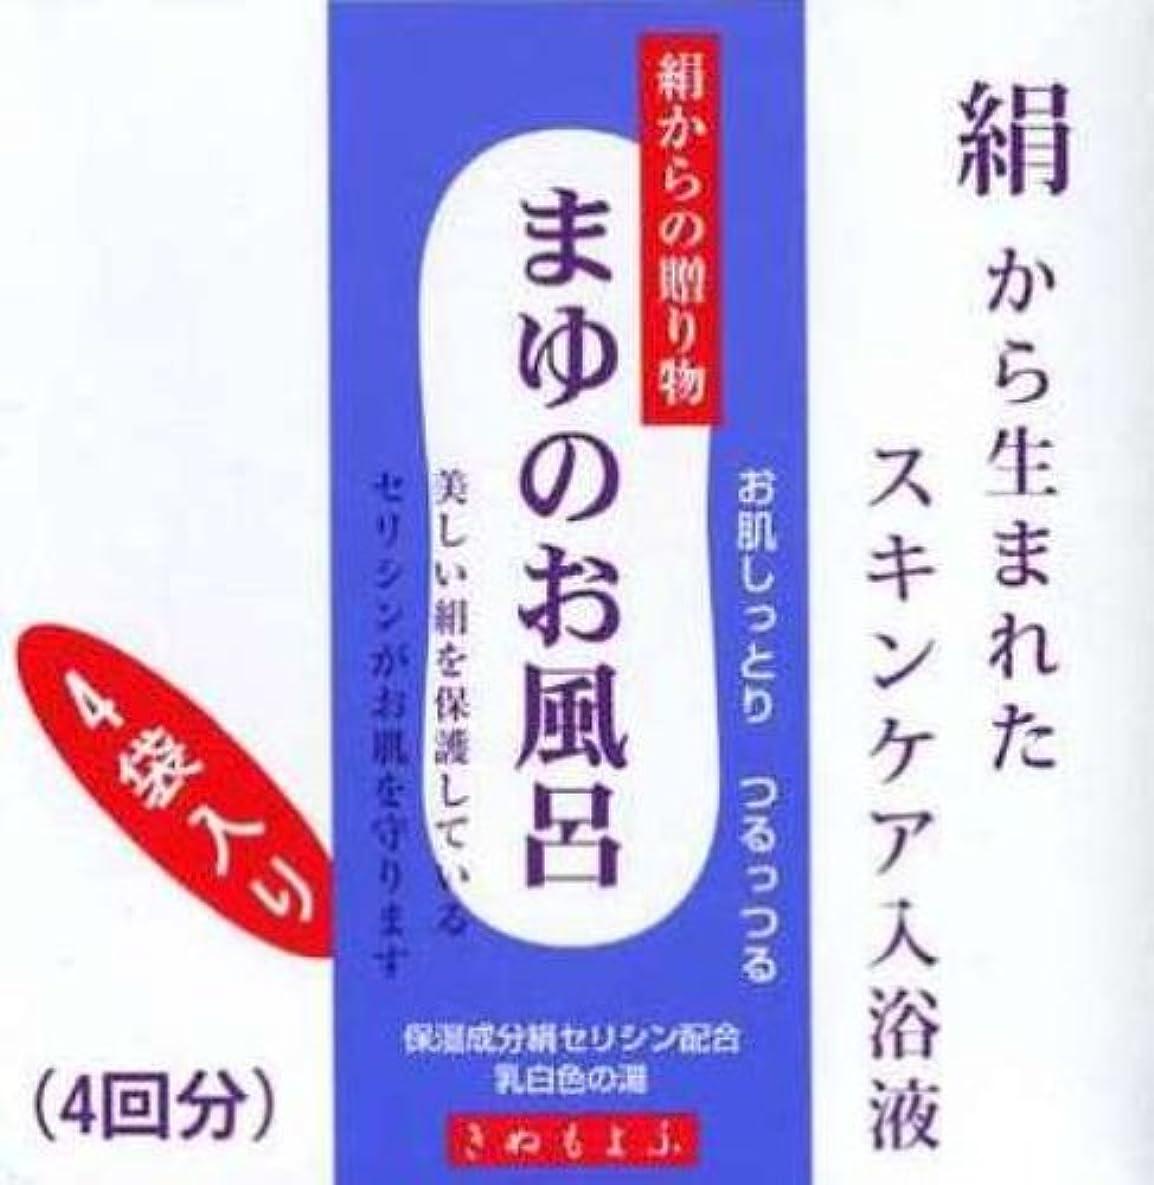 忠実な自発スクラッチまゆシリーズ きぬもよふ まゆのお風呂 25ml(1回分×4袋)